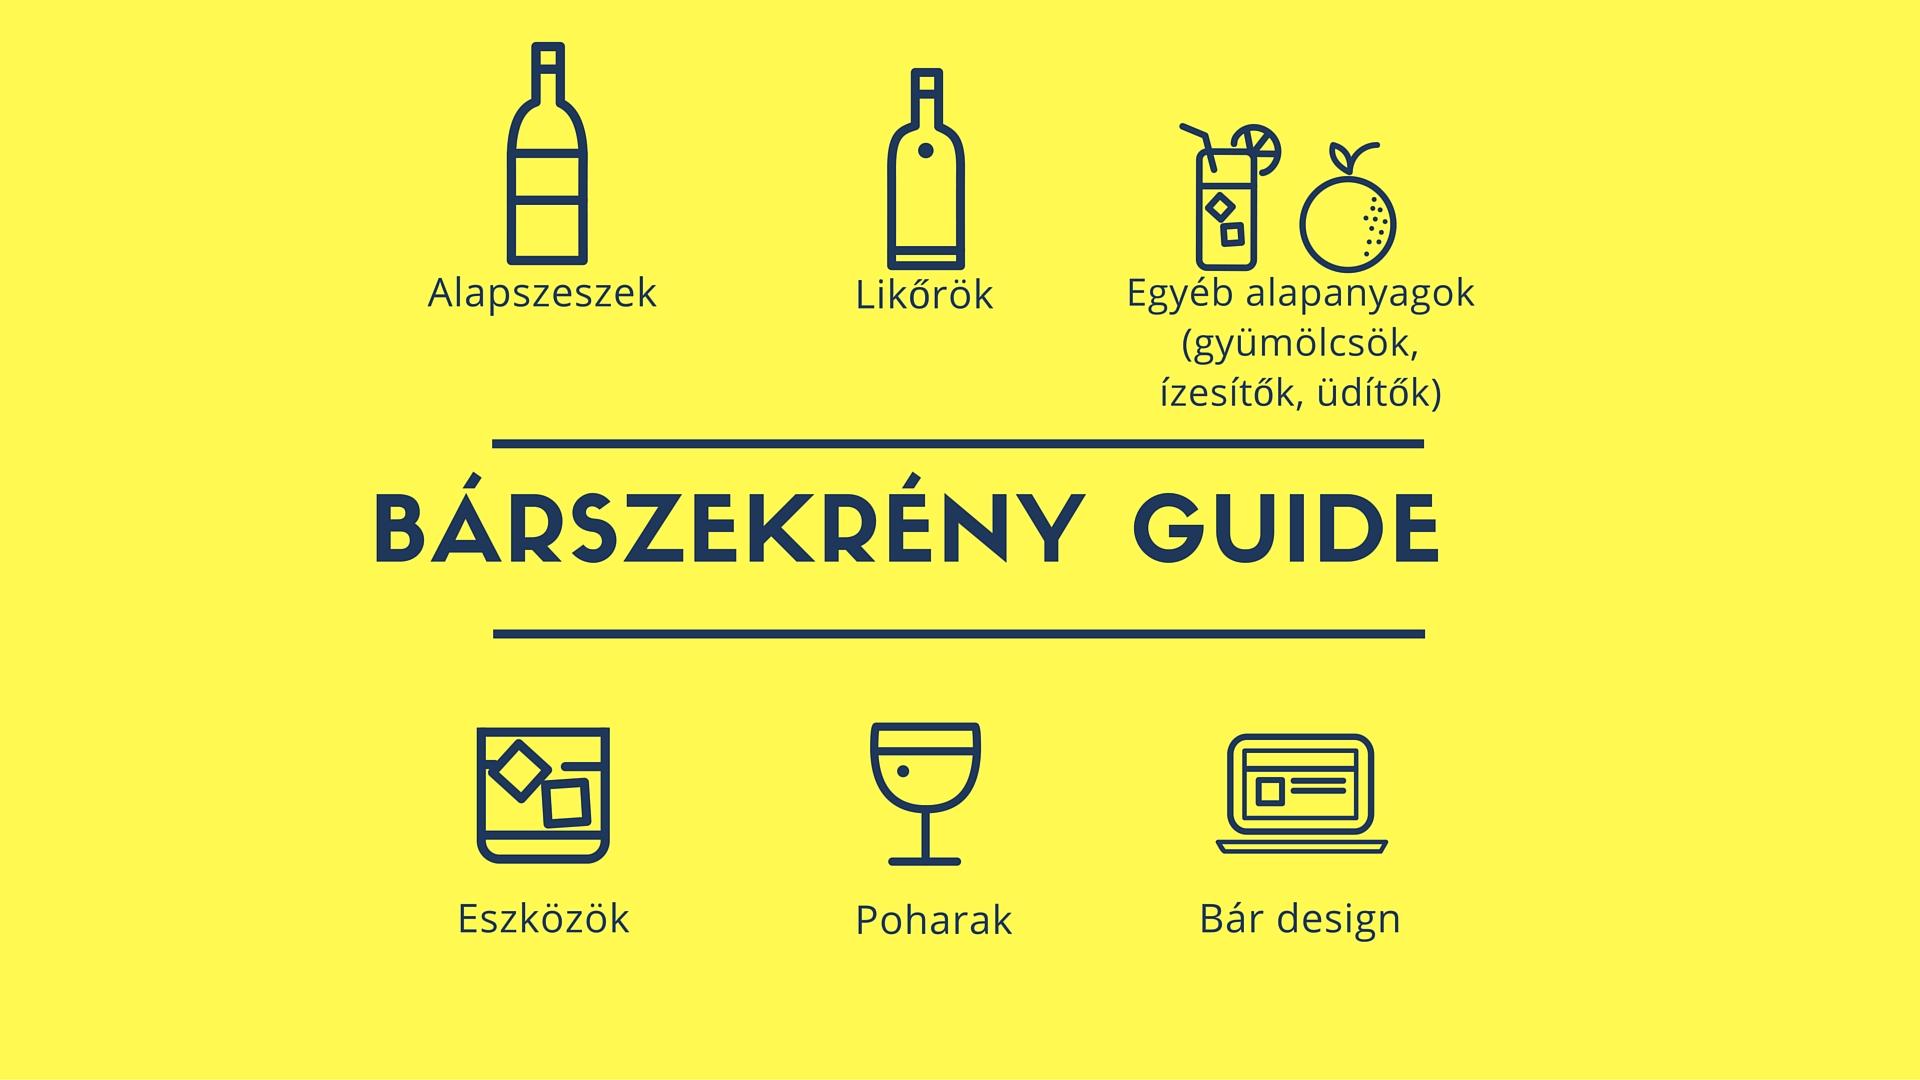 barszekreny_guide.jpg